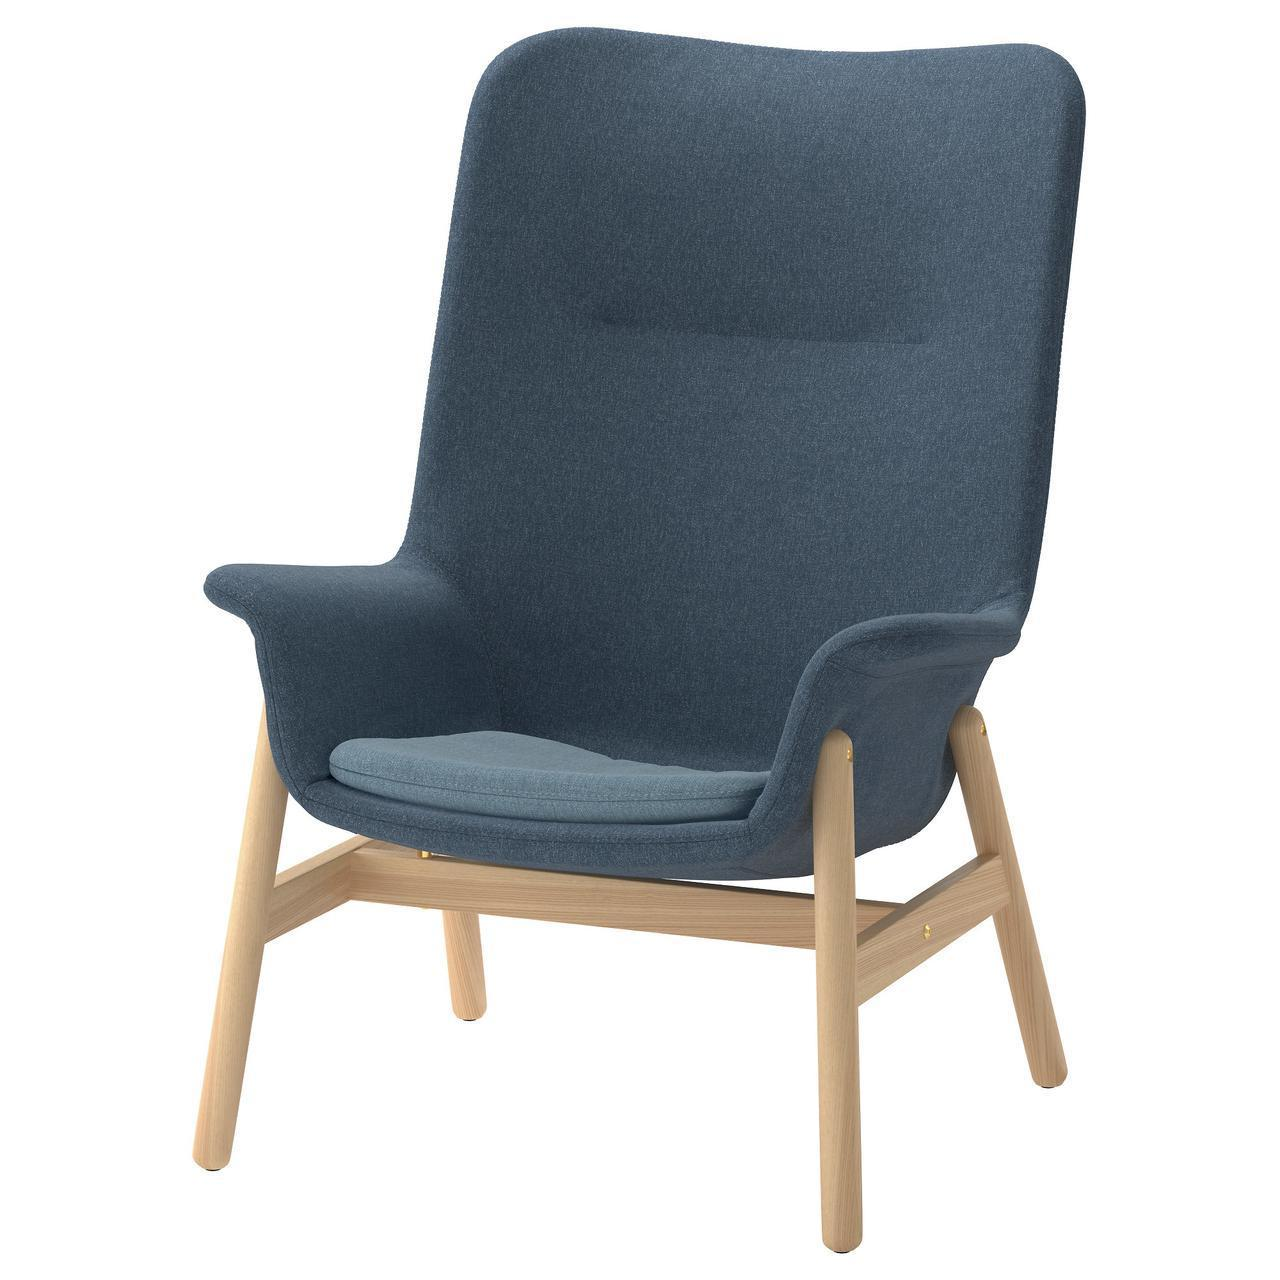 Кресло IKEA VEDBO Gunnared мягкое с высокой спинкой синее 404.235.83